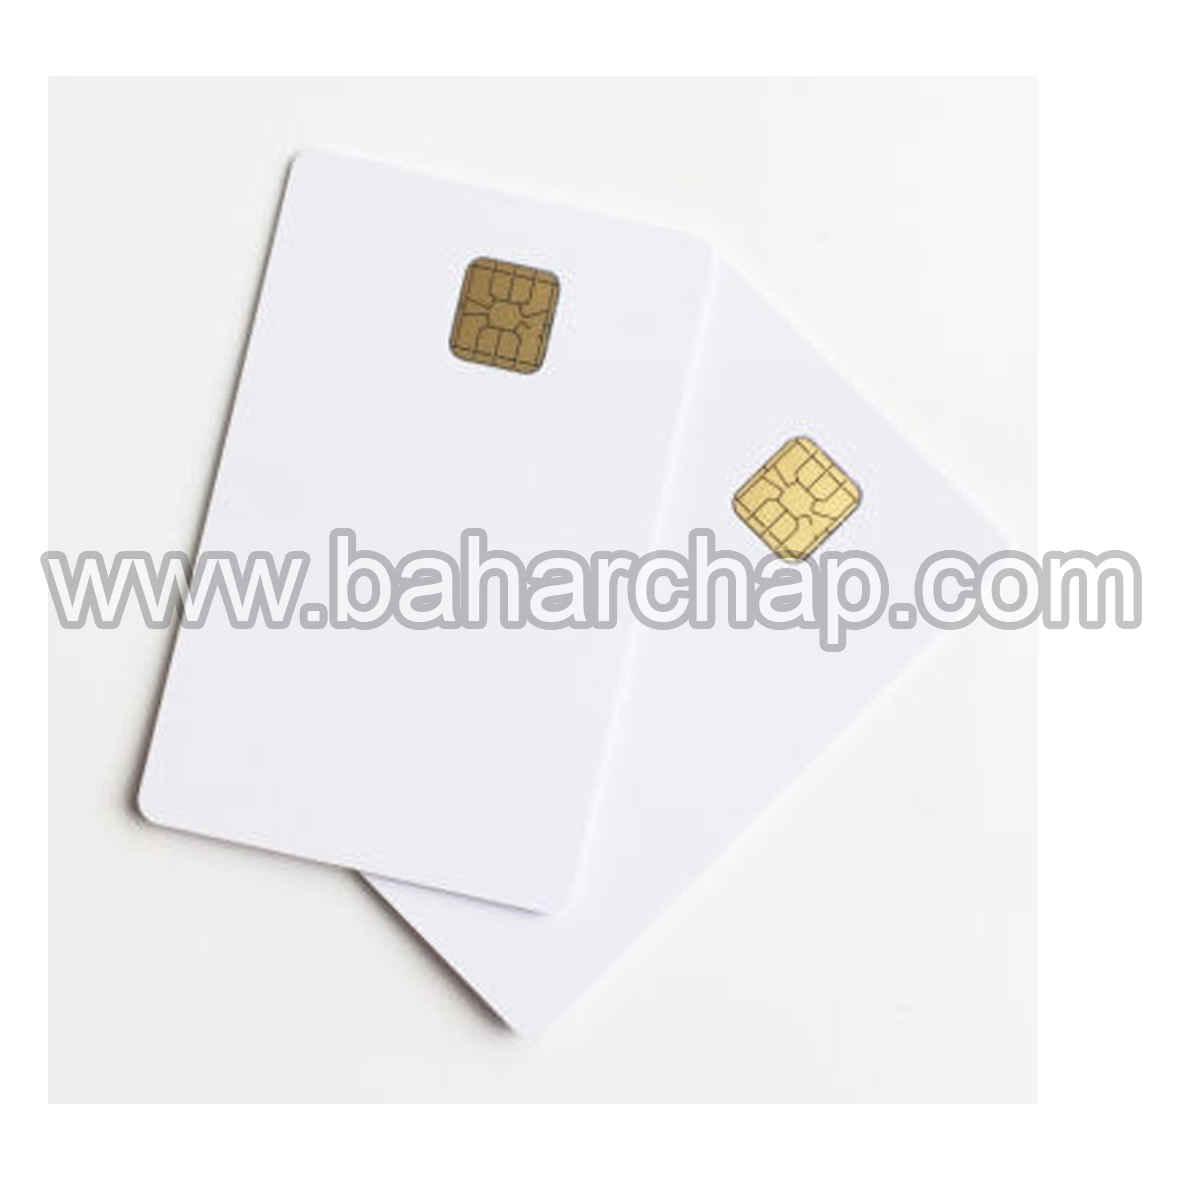 فروشگاه و خدمات اینترنتی بهارچاپ اصفهان-کارت خام PVC چیپدار 4428- PVC Cards with SLE4428 Chip